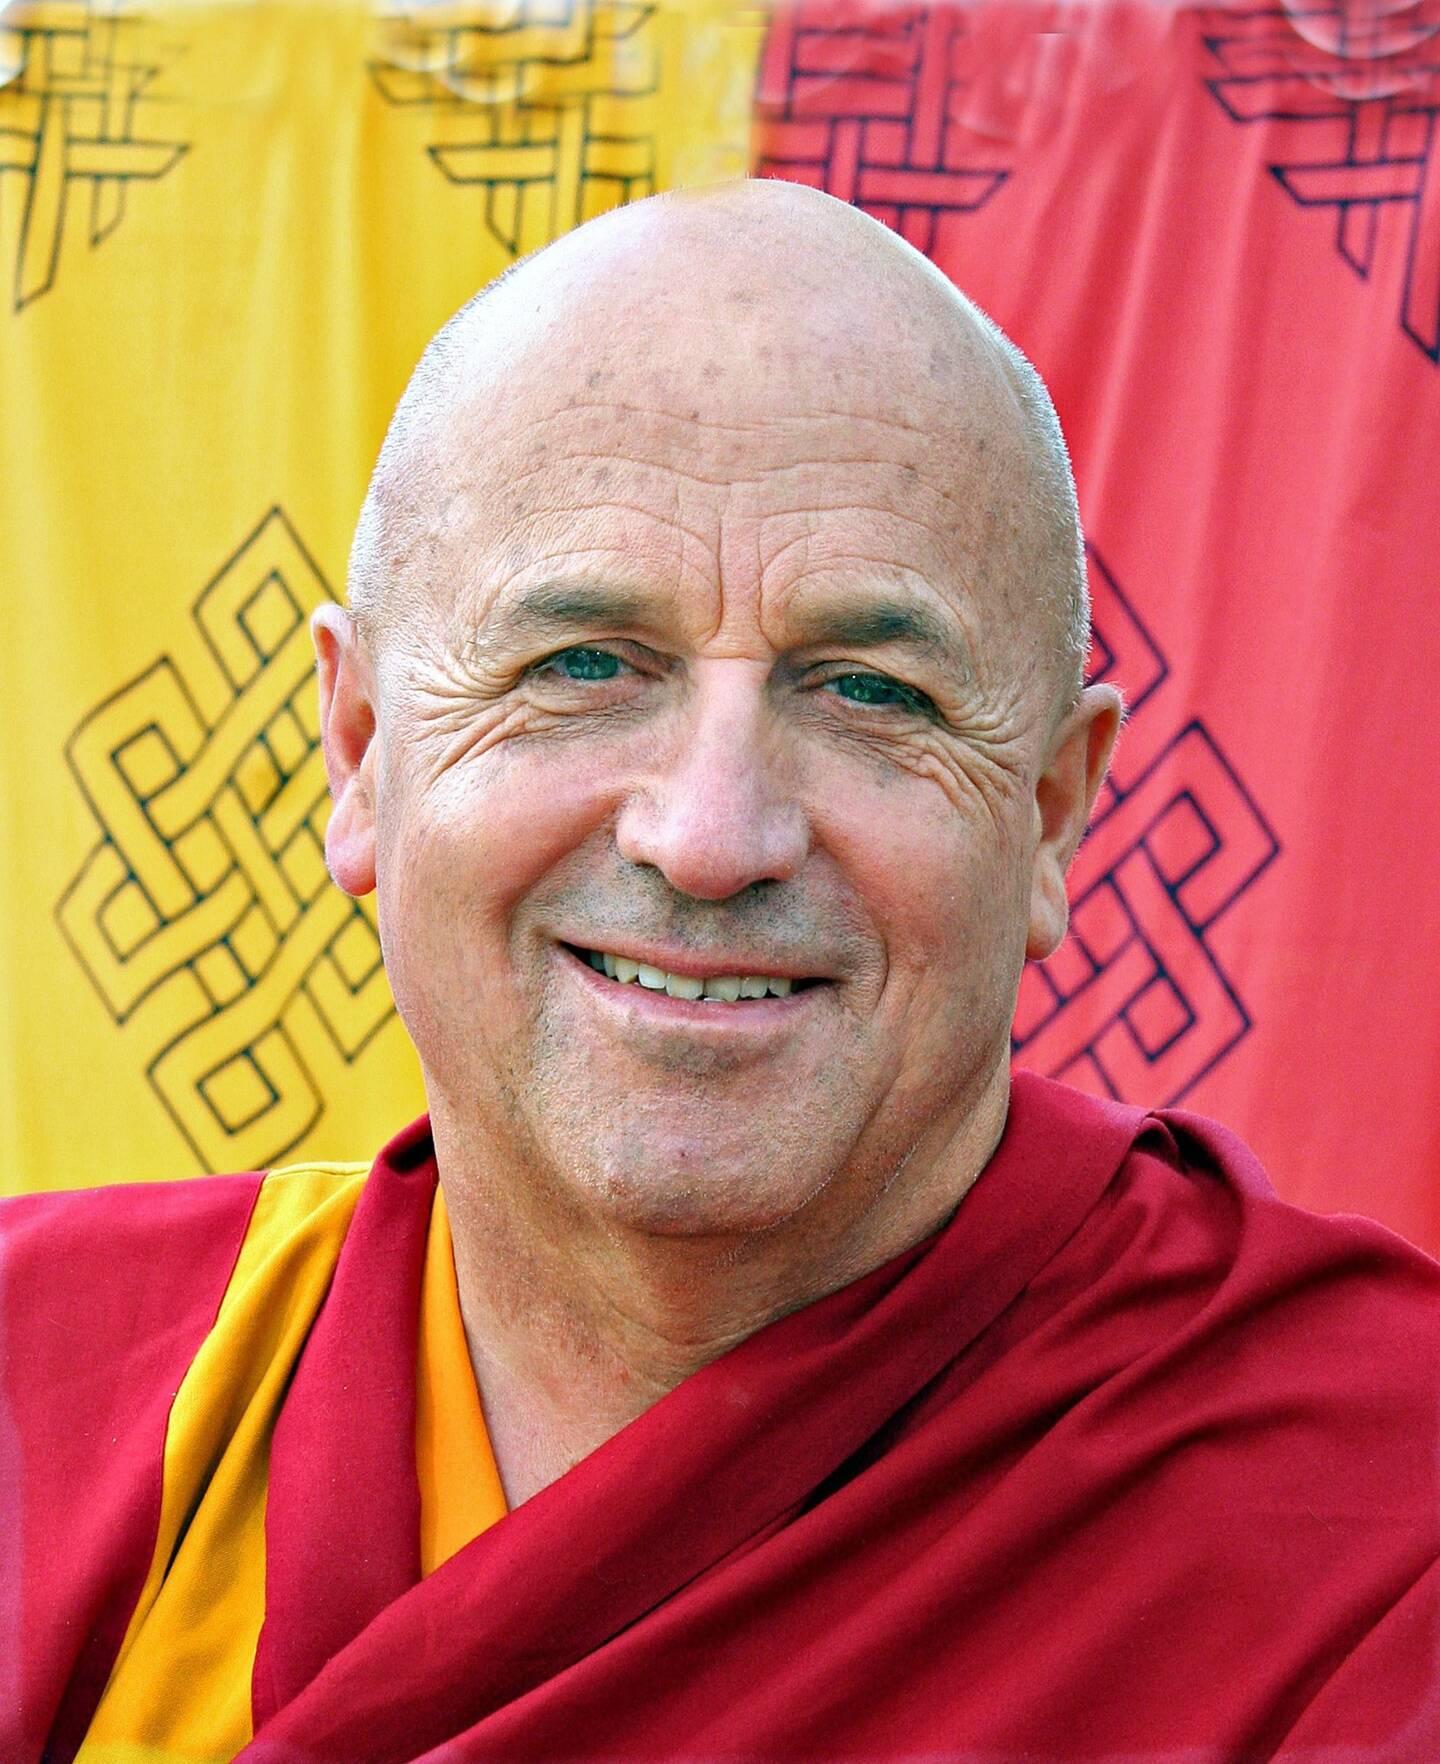 Interprète officiel du Dalaï-Lama, photographe, humanitaire, scientifique… Matthieu Ricard vit depuis le confinement en Dordogne.